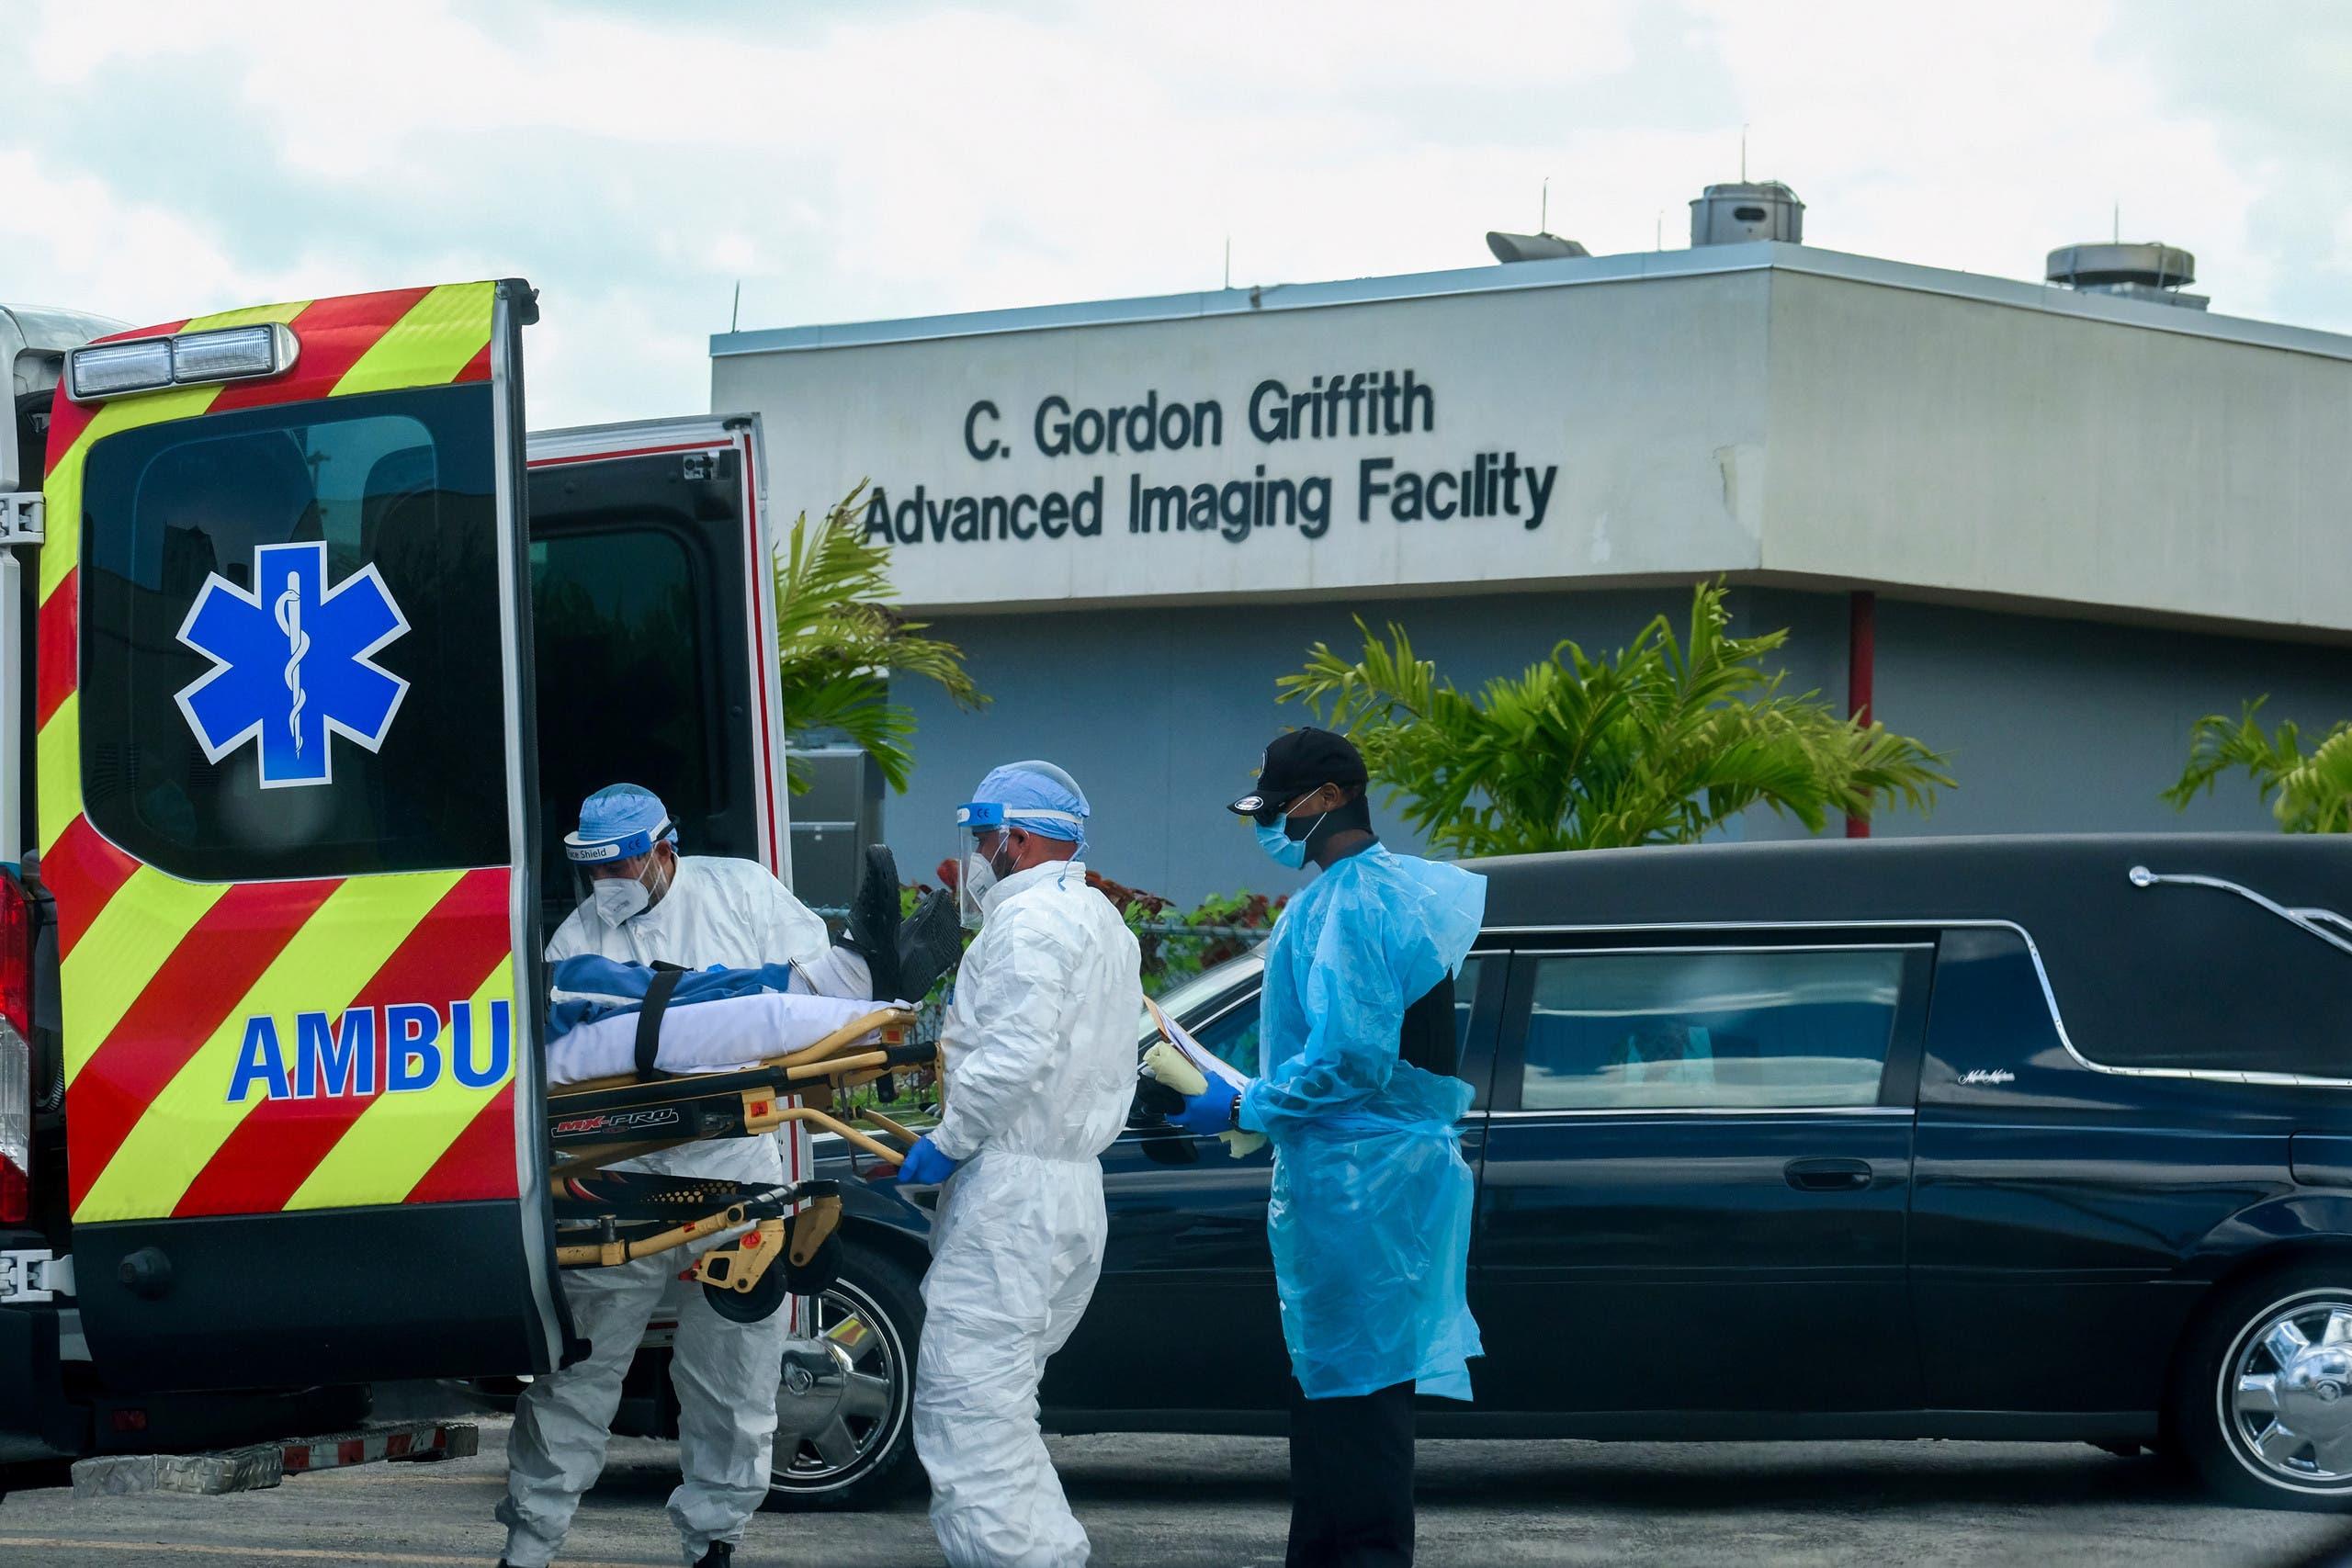 نقل مصاب بكورونا لمركز علاج في فلوريدا بينما تقف سيارة نقل الموتى أمام المركز